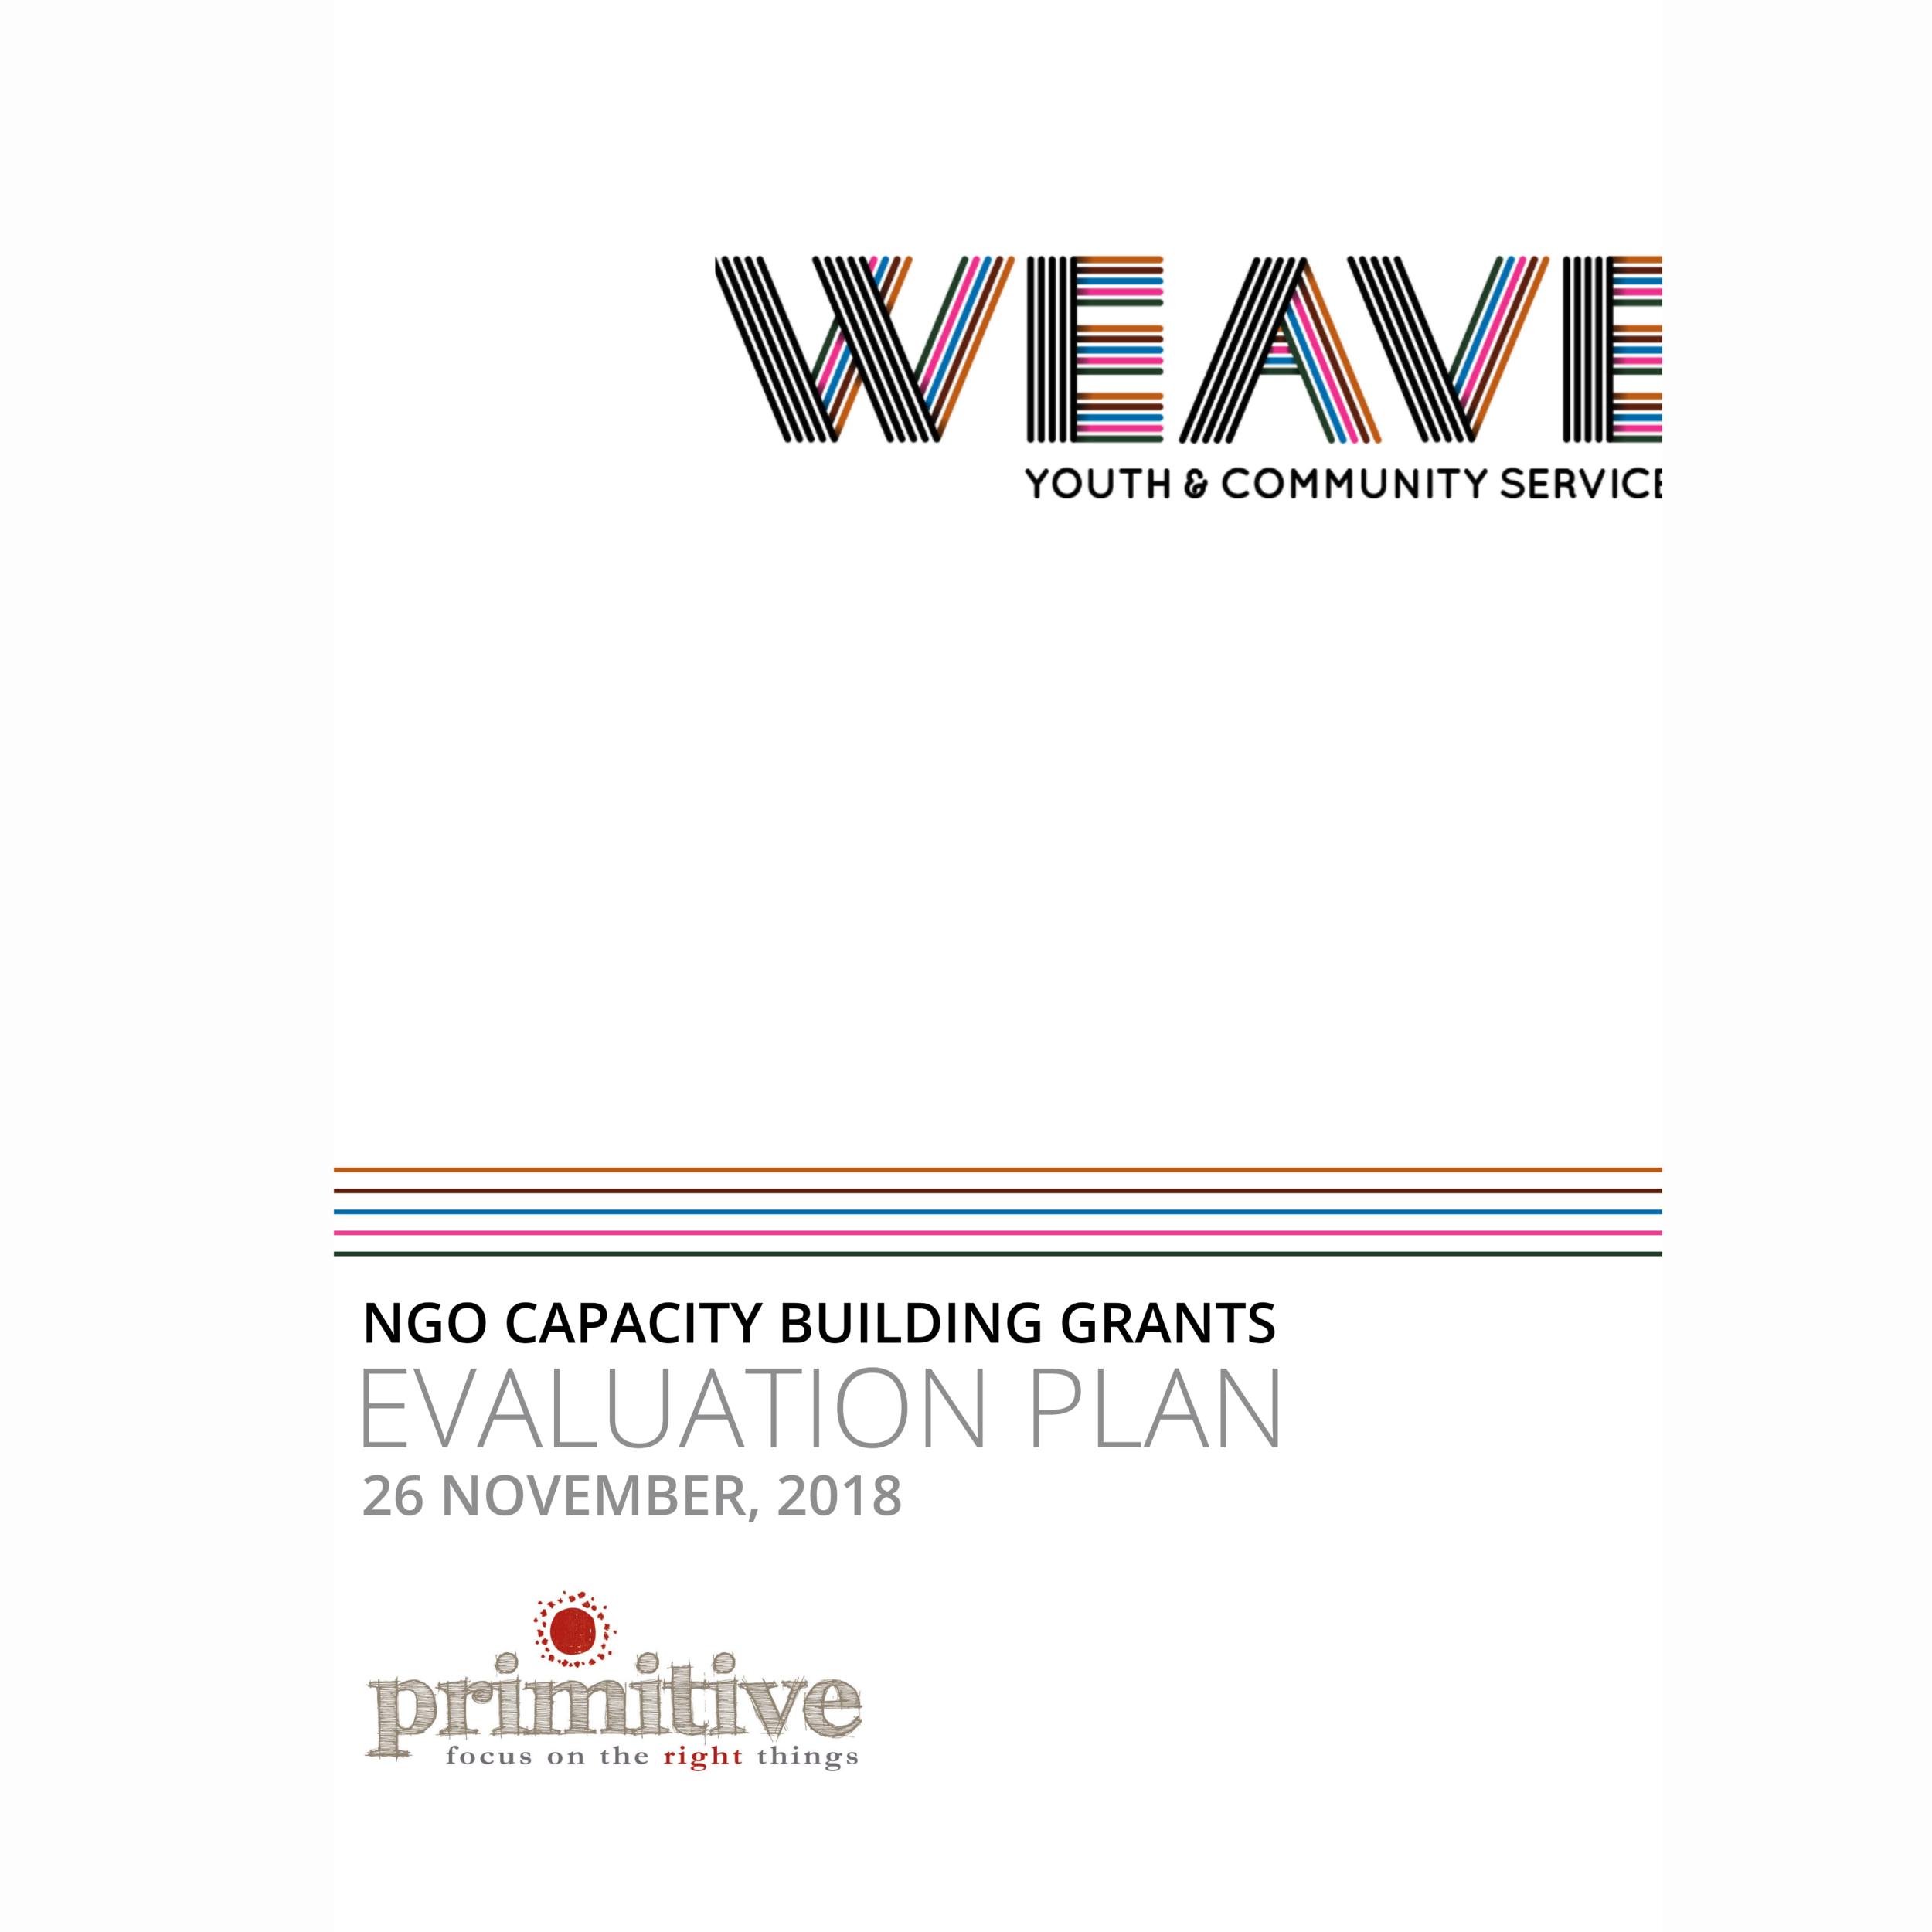 Weave Speak Out Dual Diagnosis Program economic evaluation plan